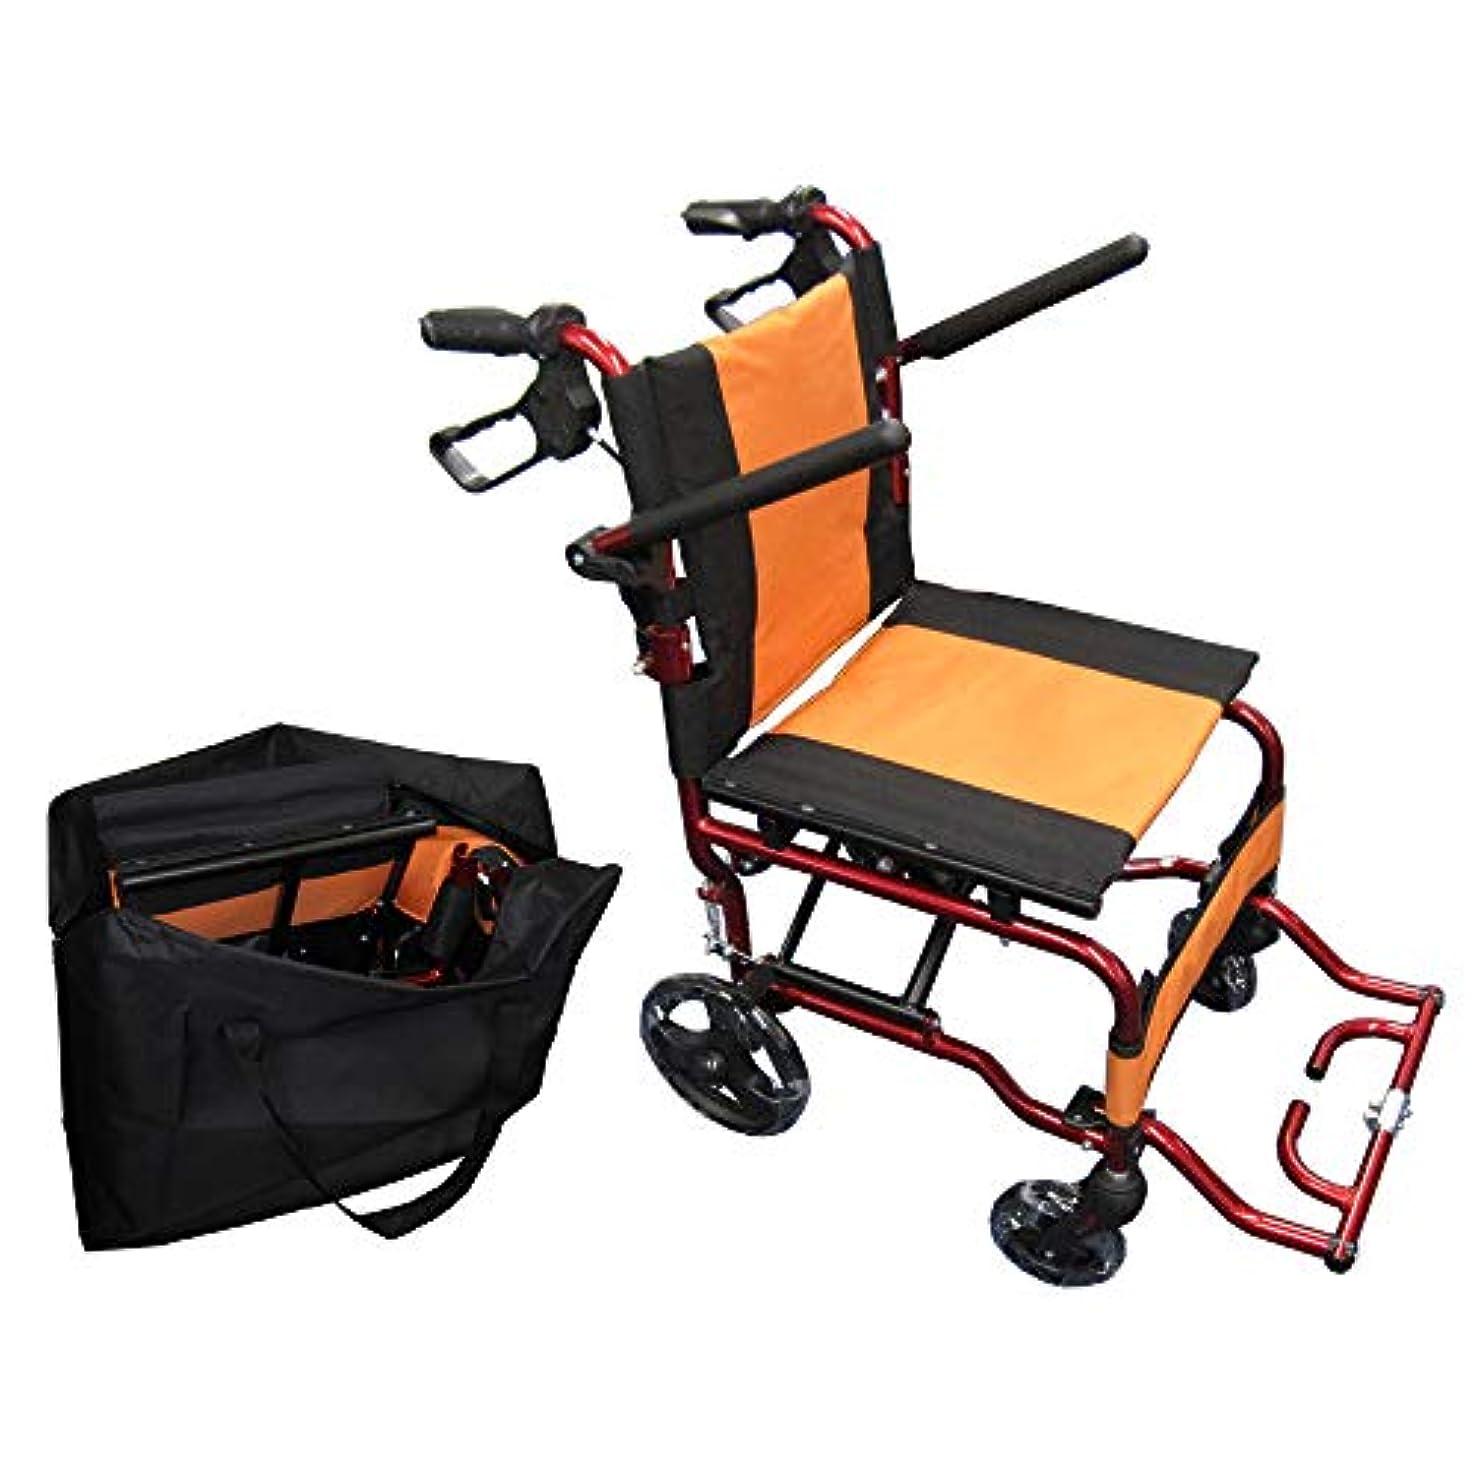 長方形モンキープロフィール【軽い?丈夫?コンパクト】 Nice Way4 軽量 折りたたみ式 車椅子 【座面幅約40cm】【介助ブレーキ付き】【アルミ製】【ノーパンクタイヤ】【頑丈】(オレンジ)